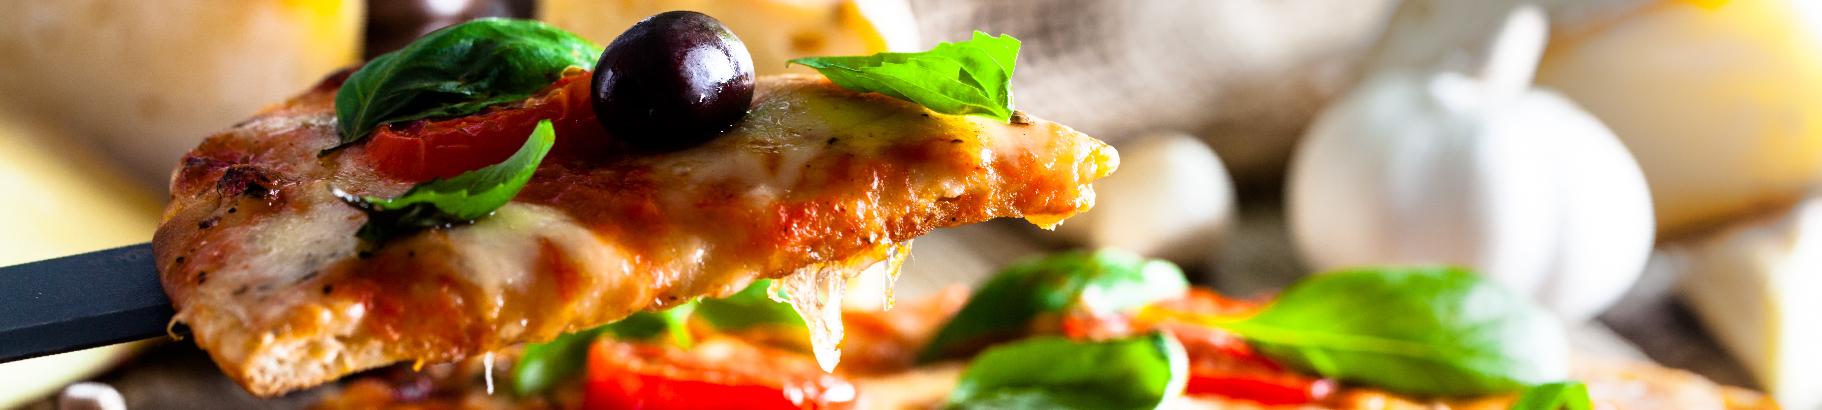 pizza deeg